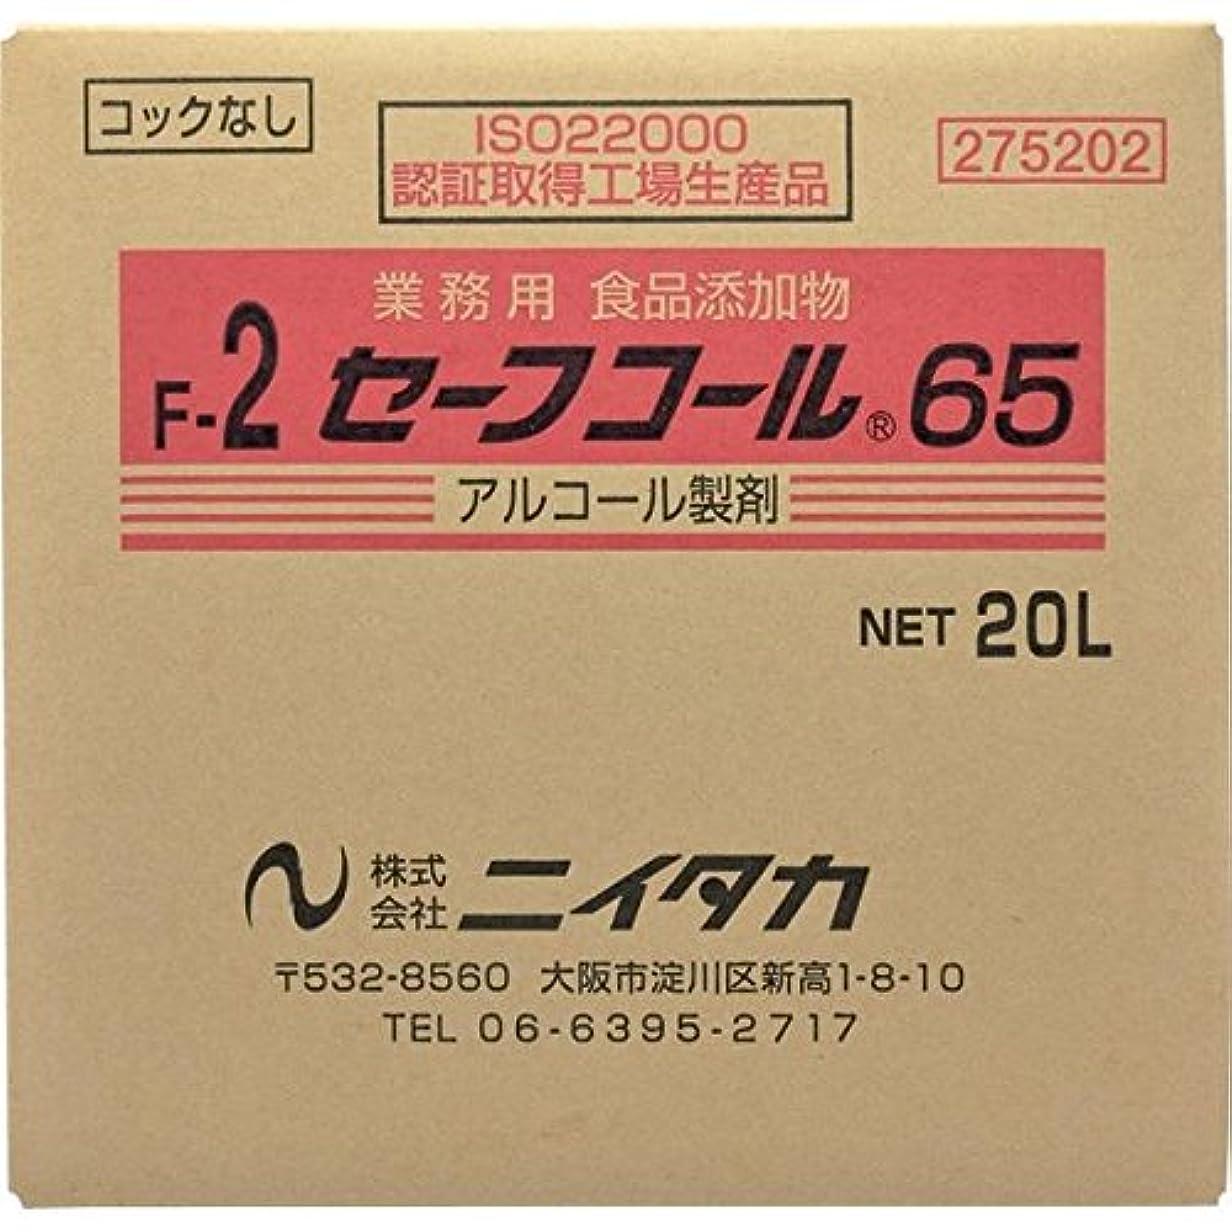 変形慢性的中級ニイタカ:セーフコール65(F-2) 20L(BIB) 275202